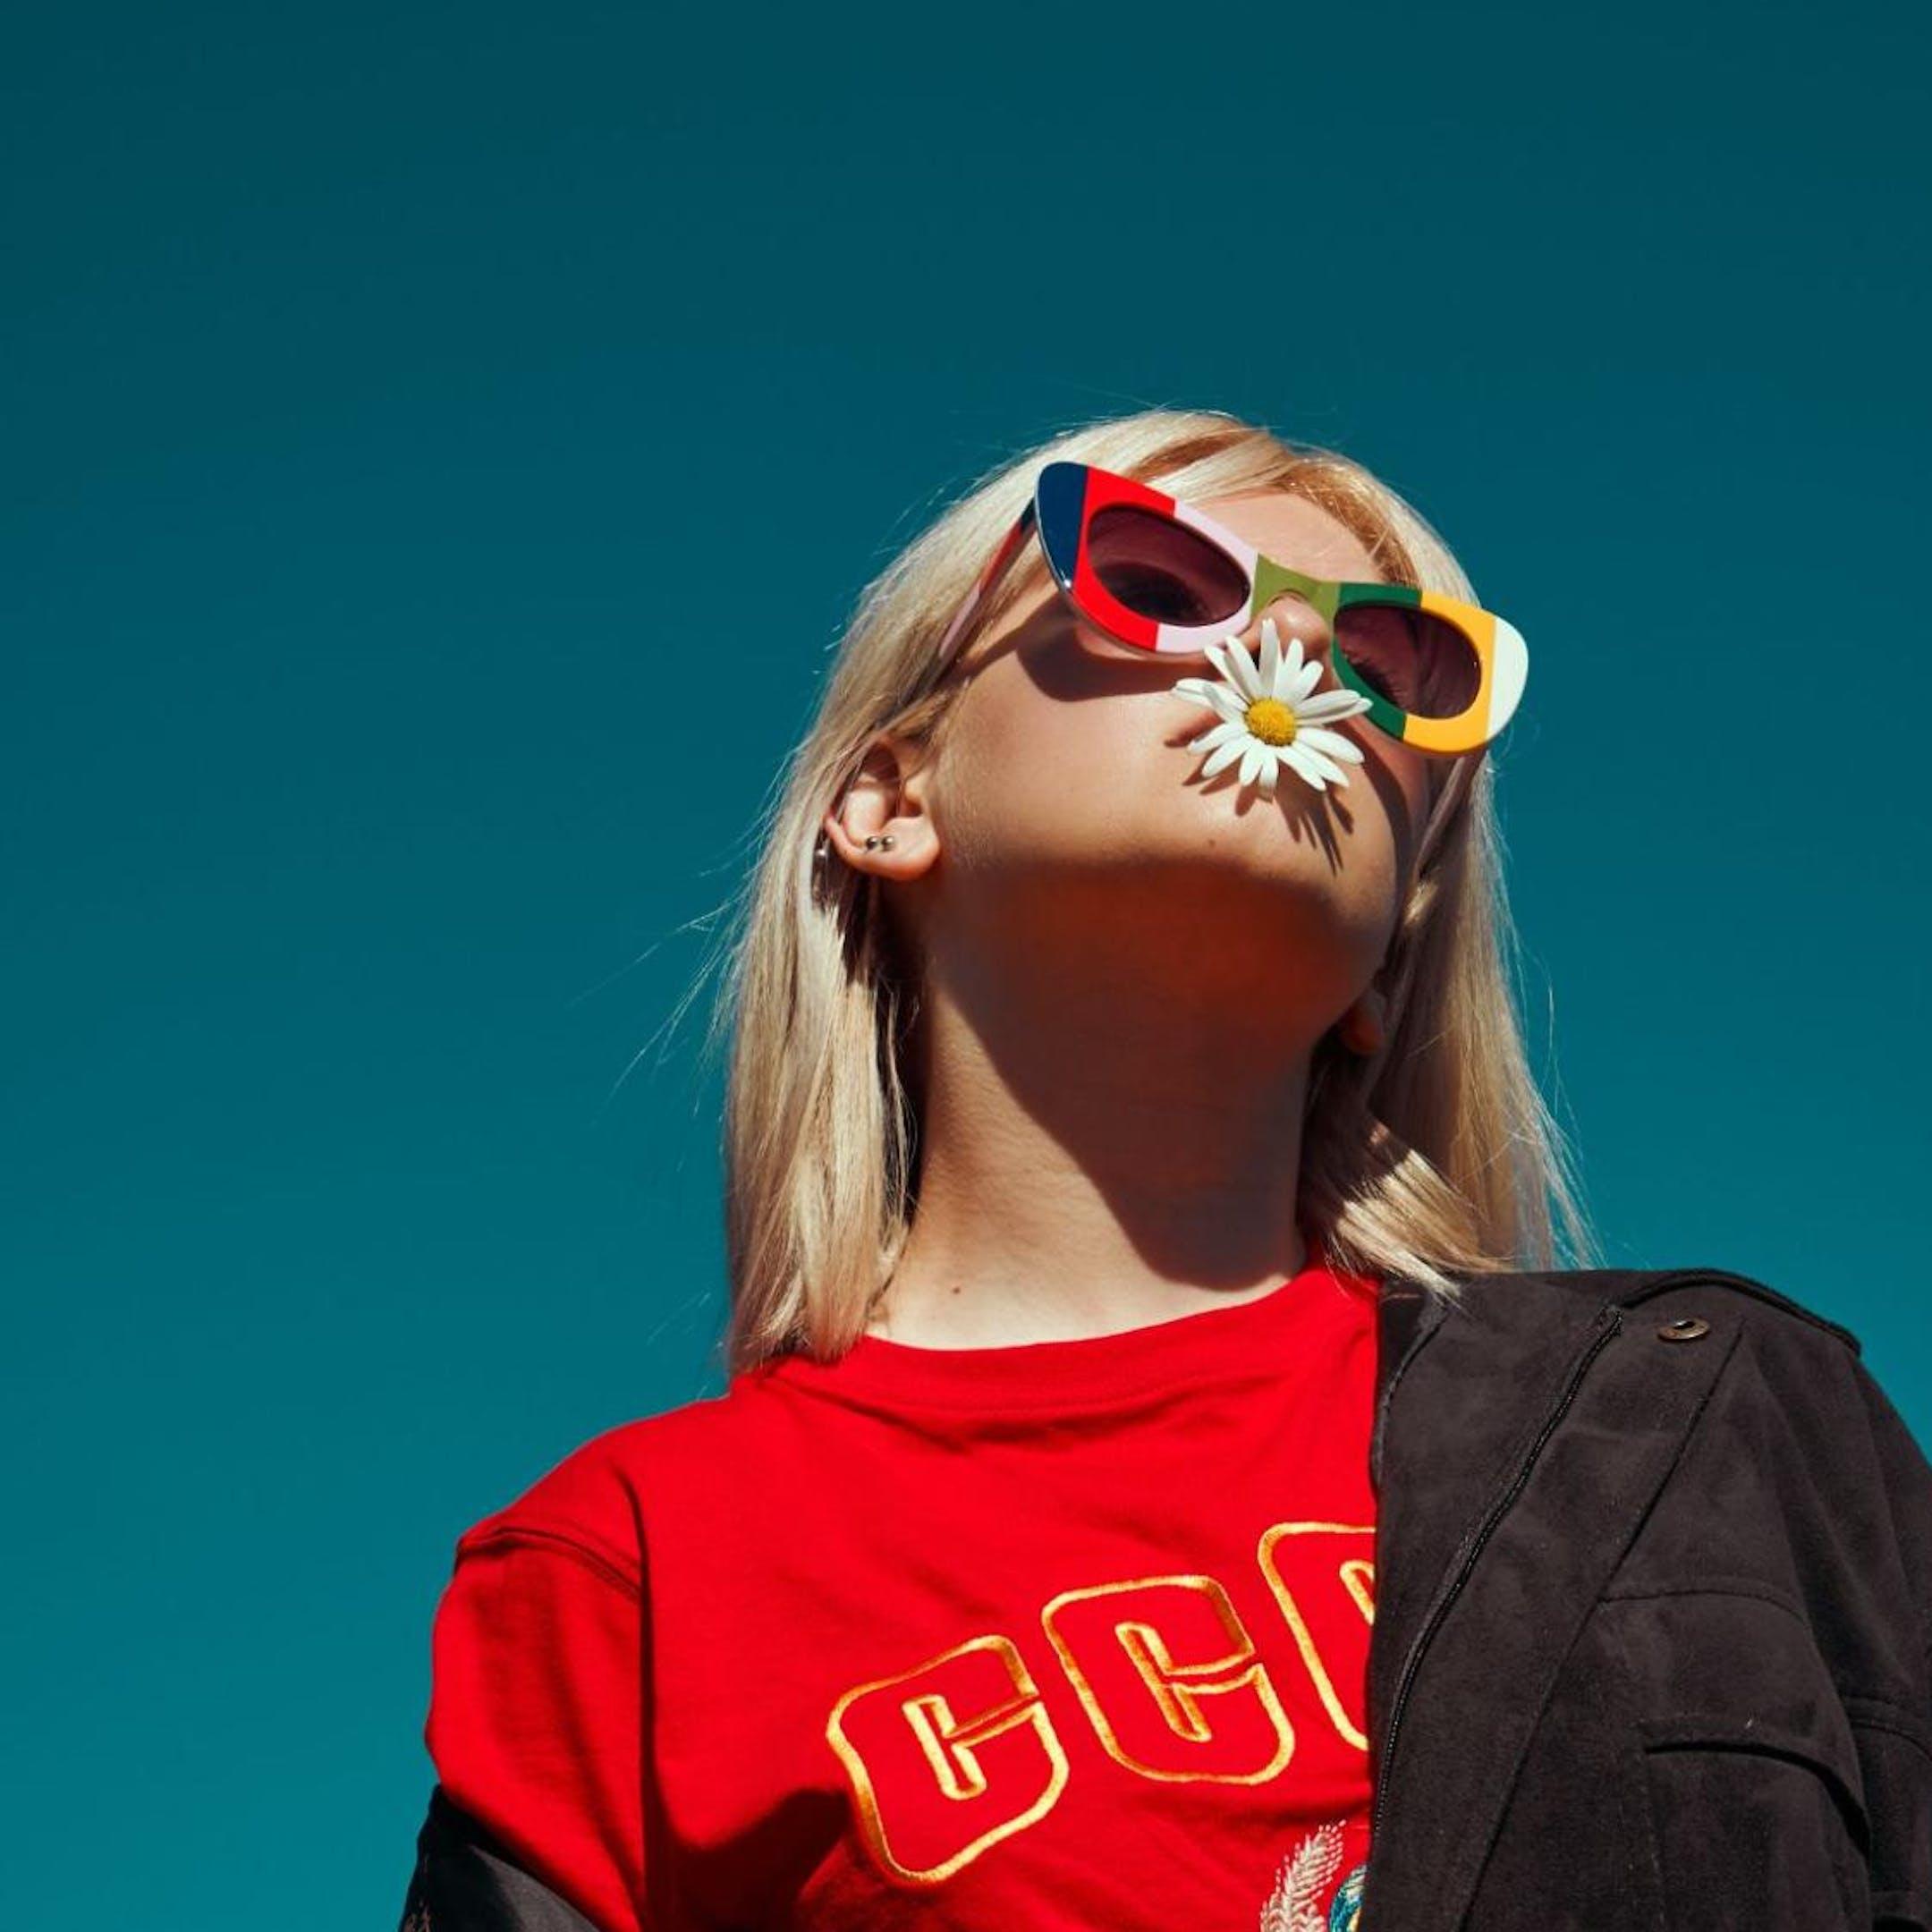 Une fille avec des lunettes et une fleur